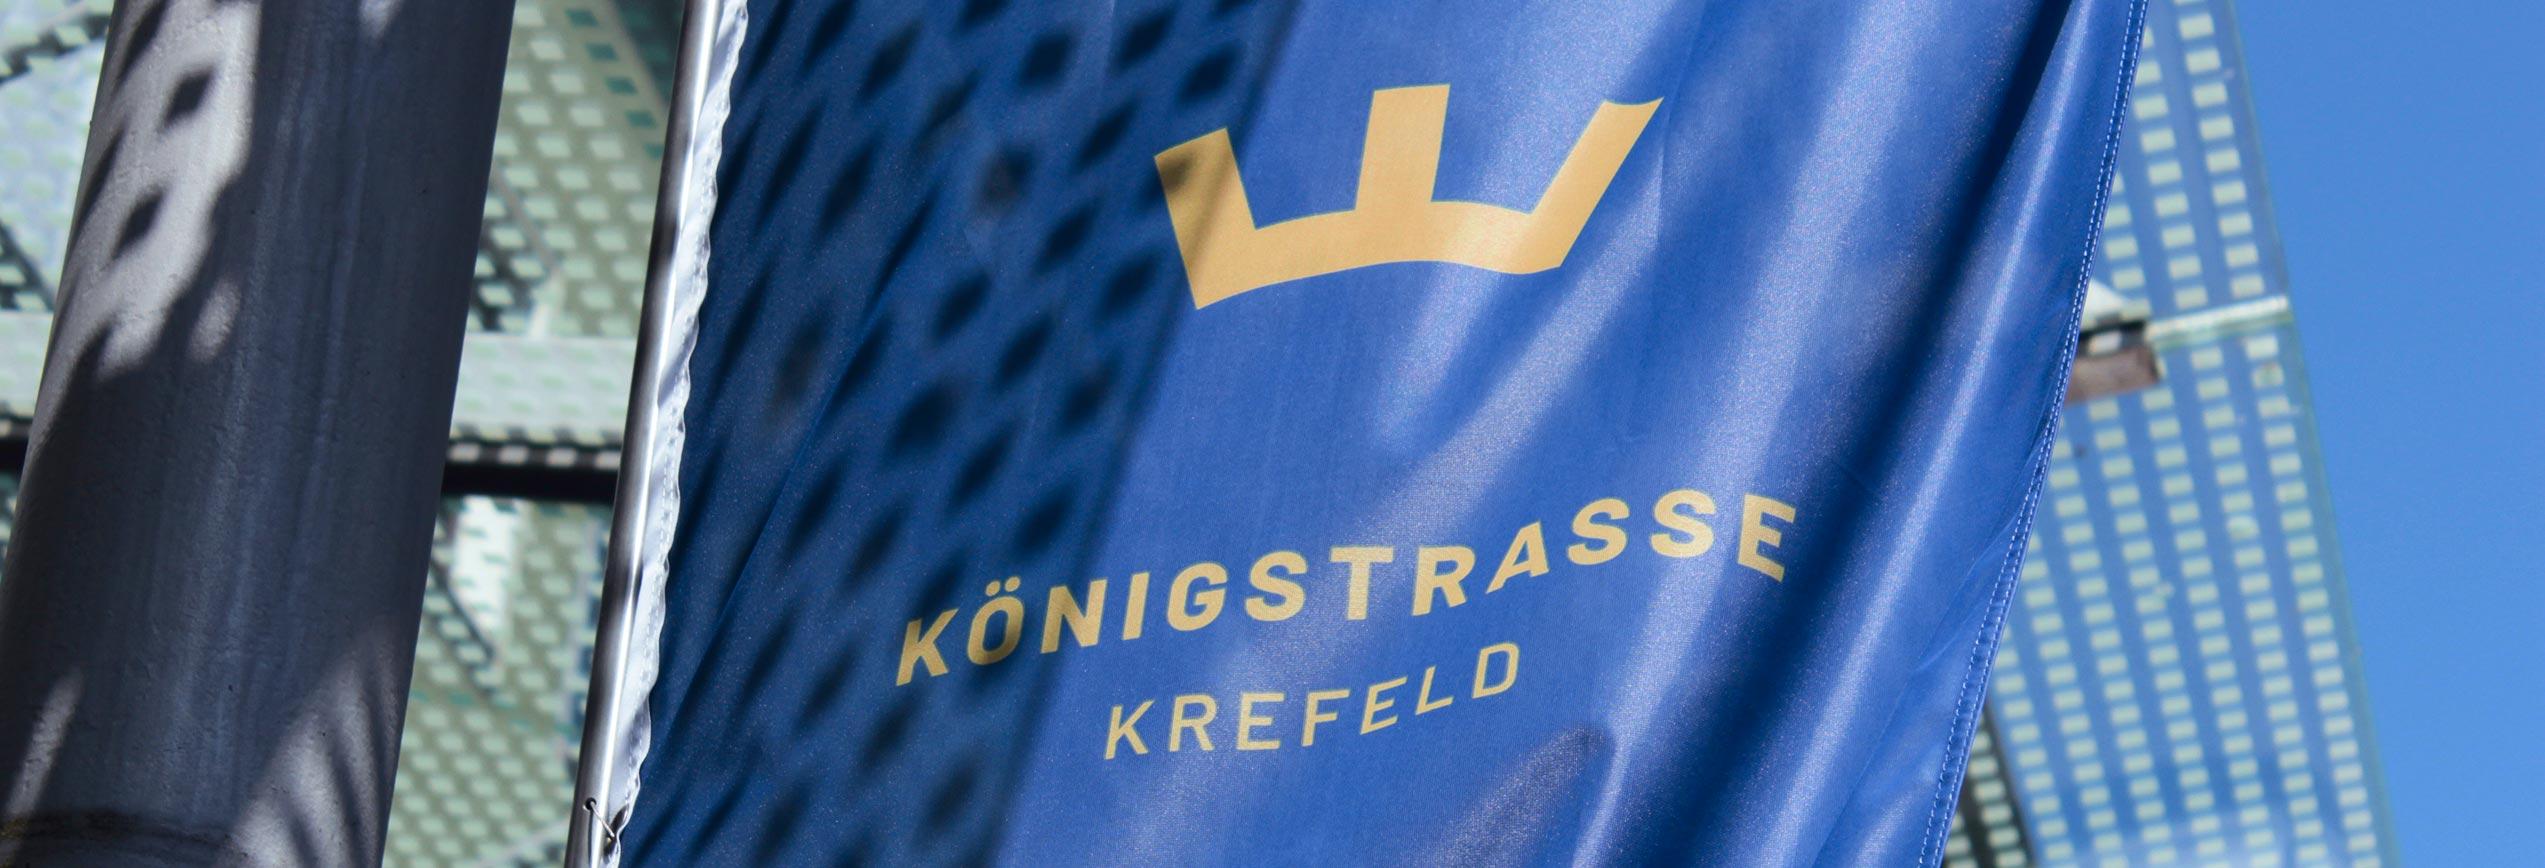 Werbegemeinschaft-krefeld-koenigsstrasse